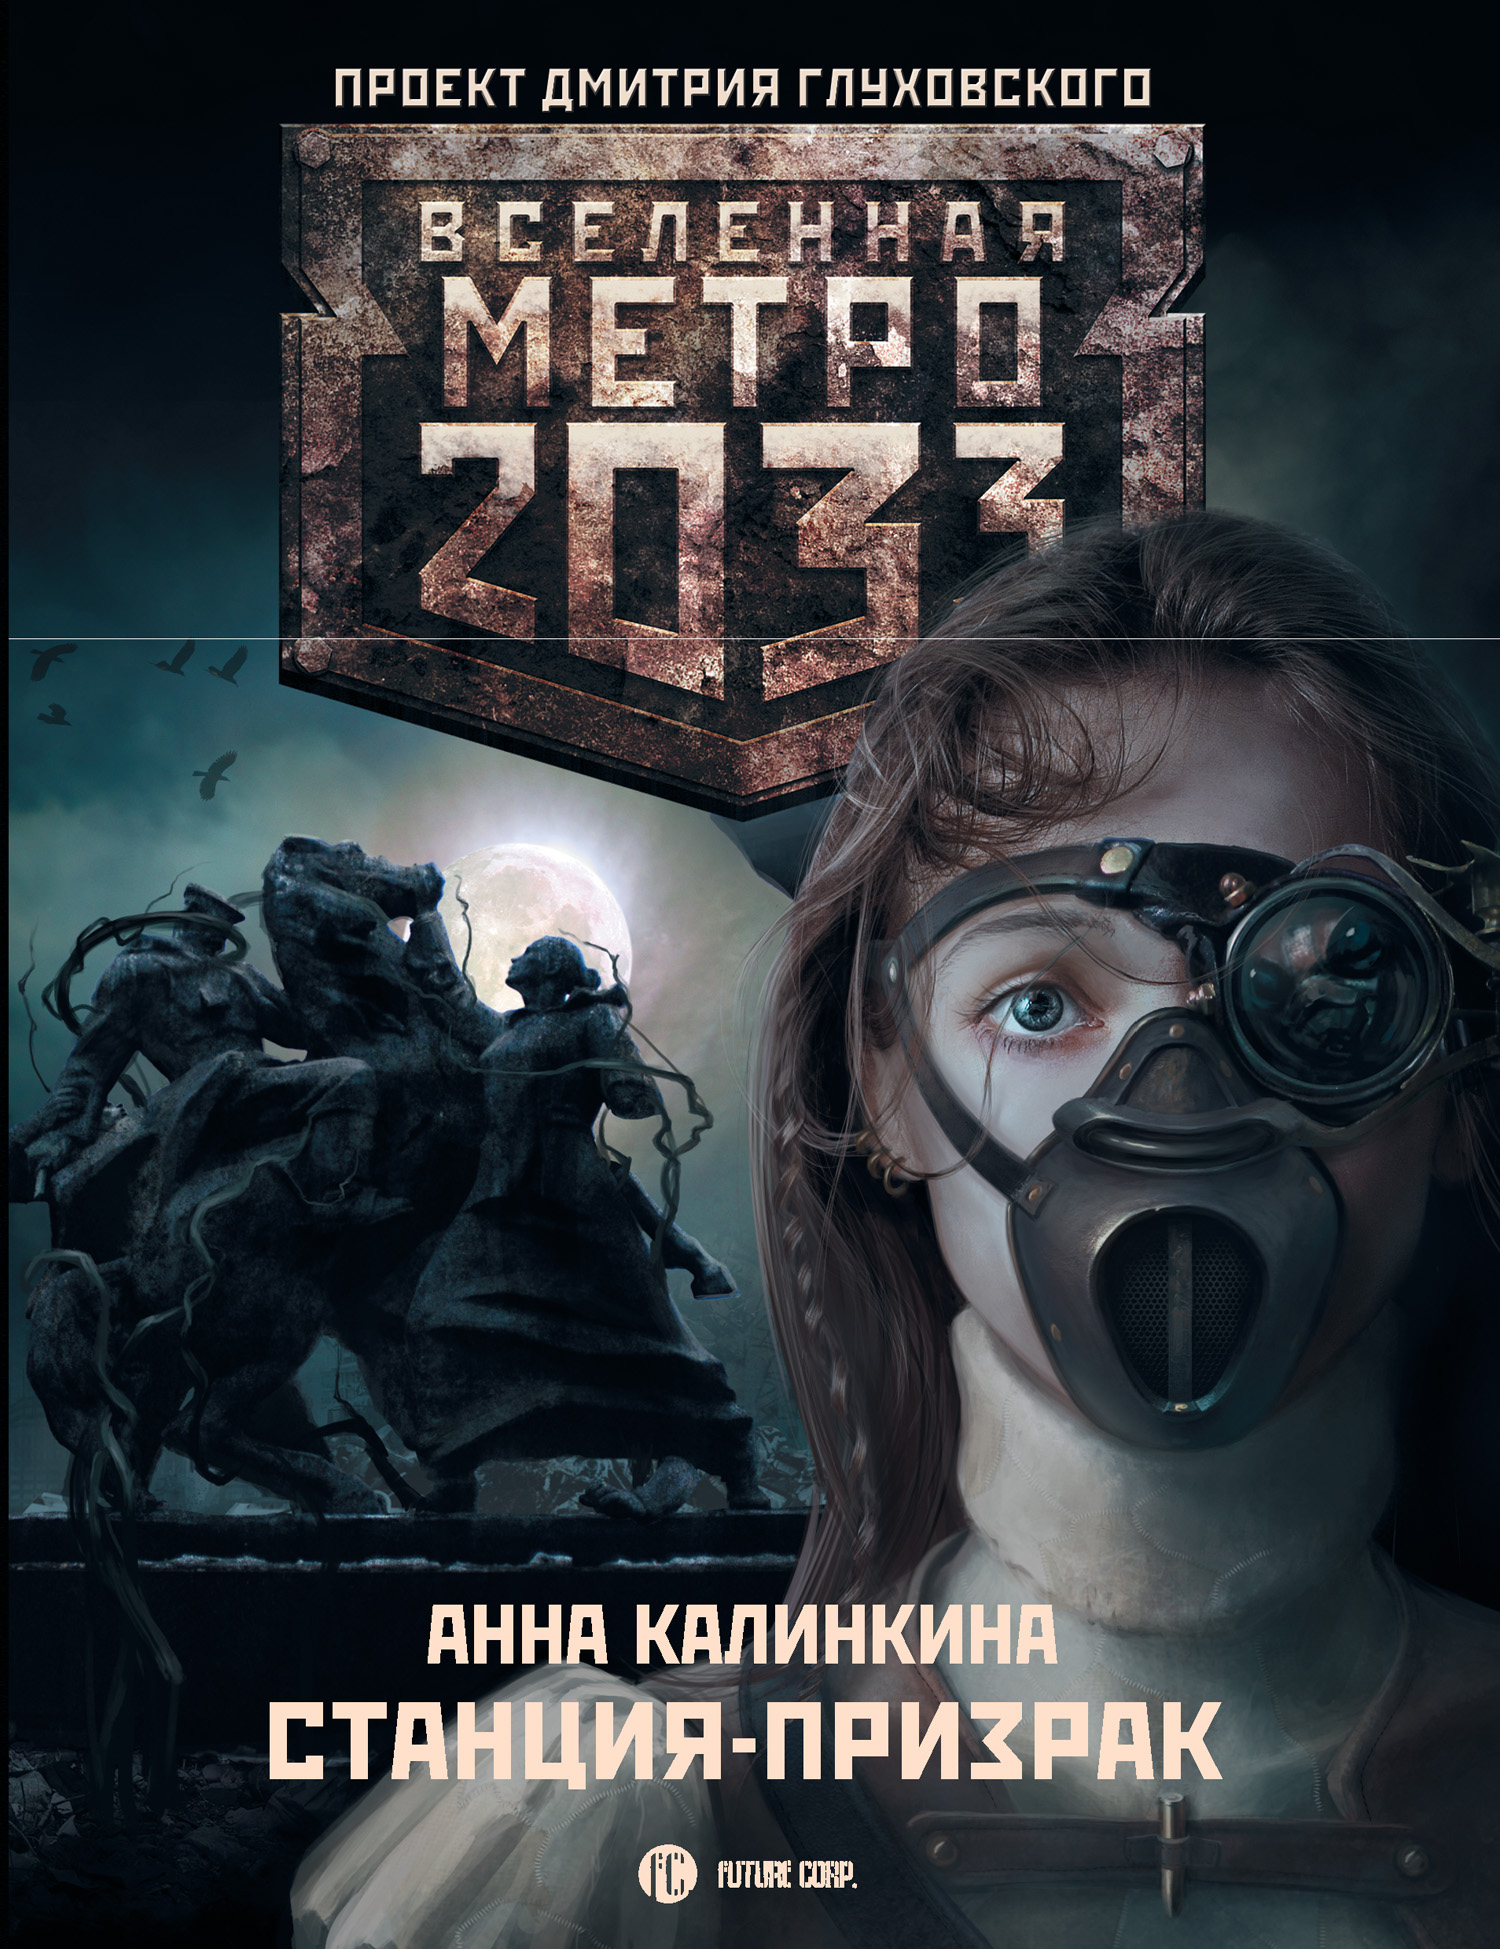 Анна Калинкина Метро 2033: Станция-призрак цена